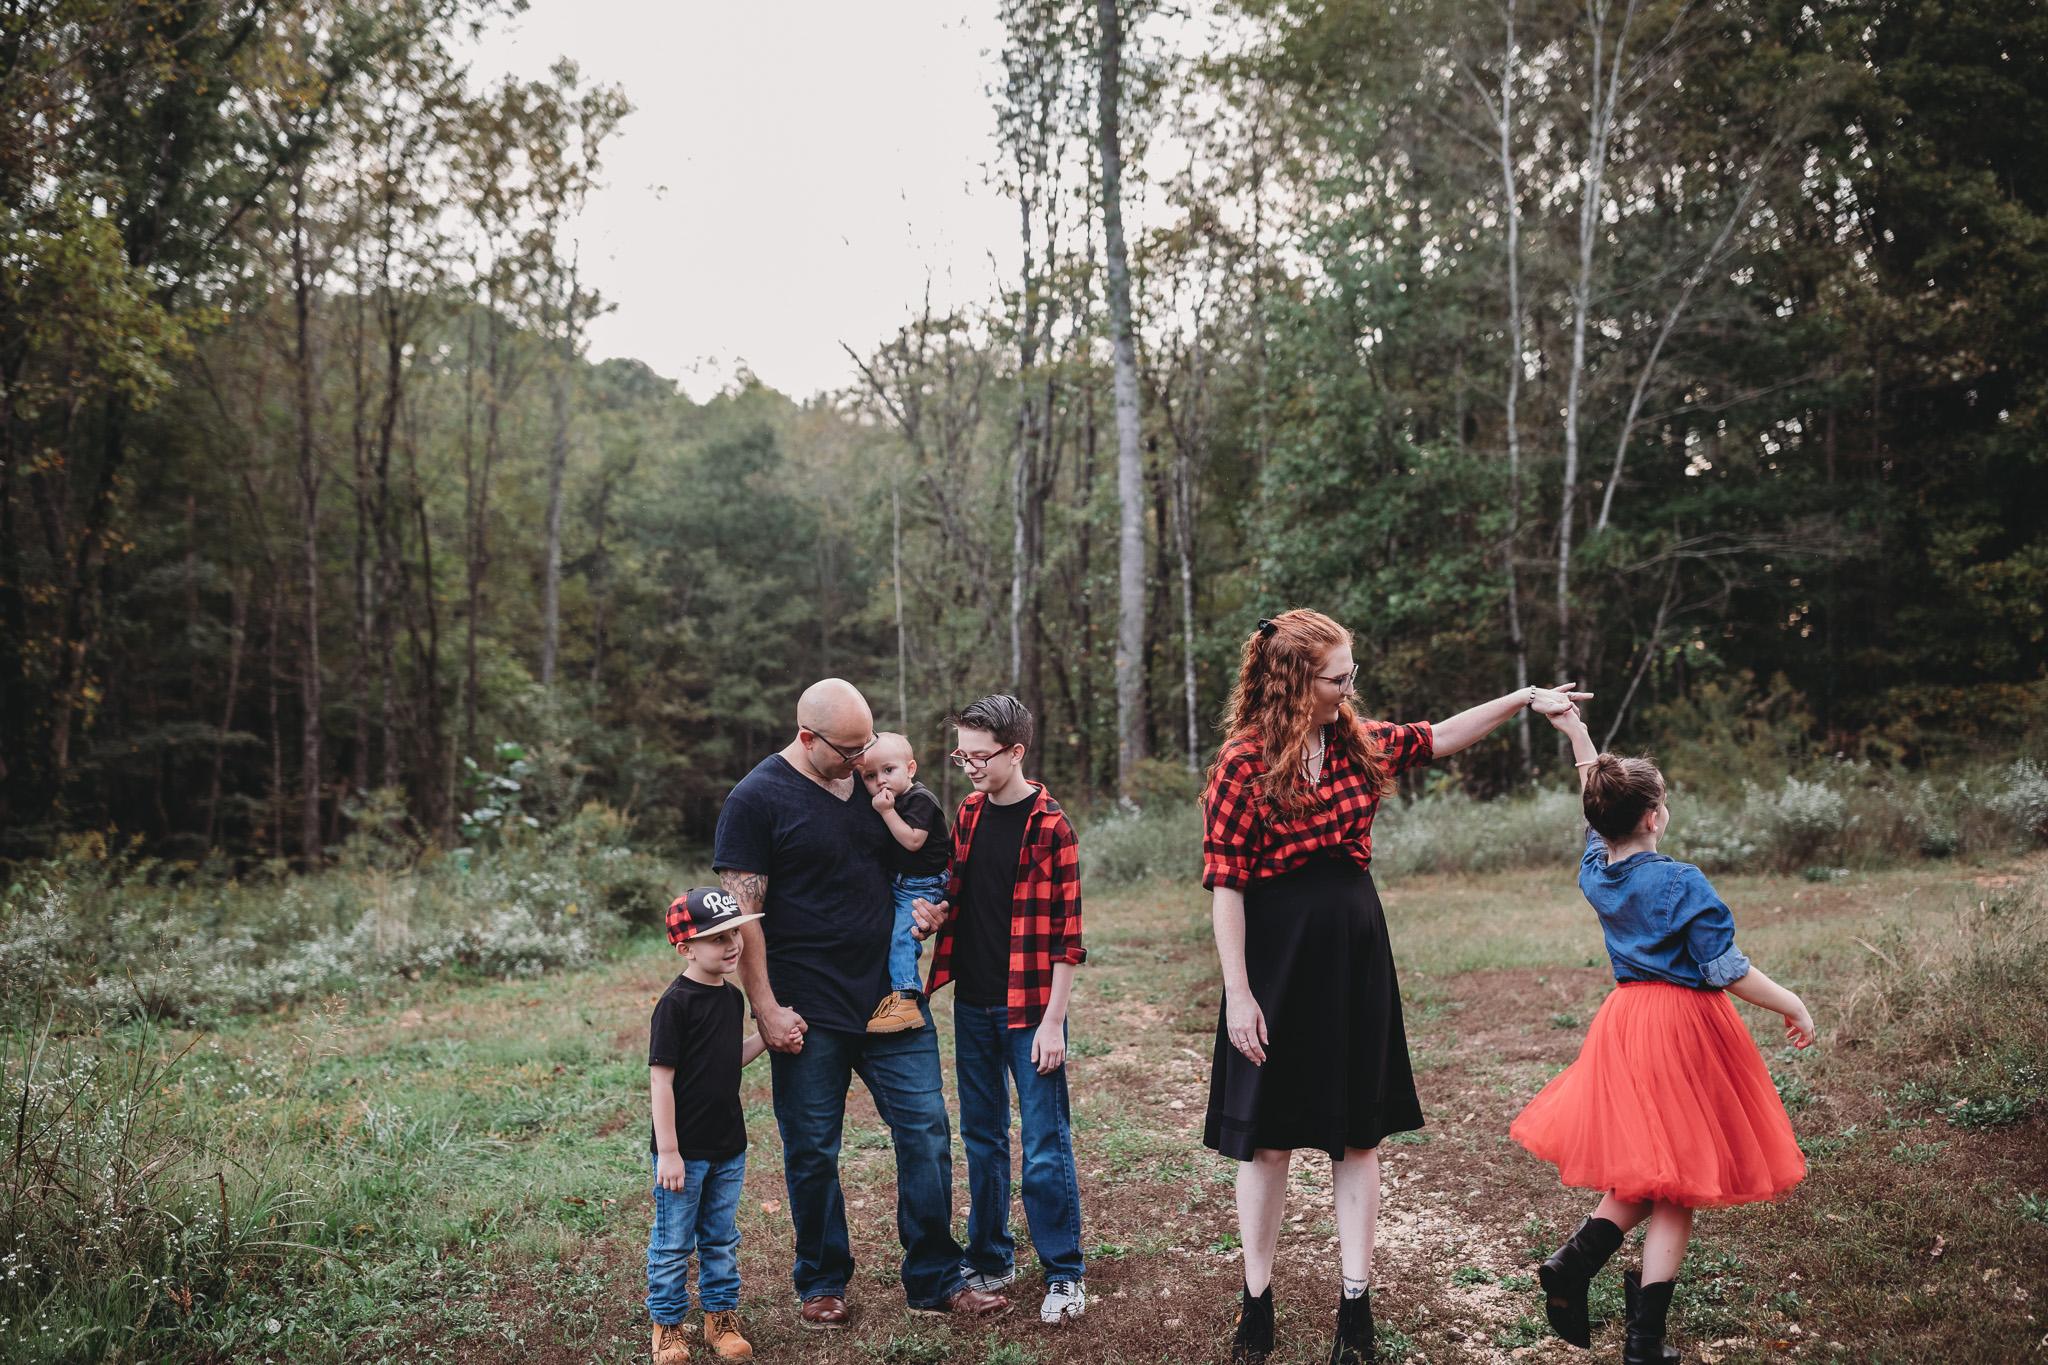 family of six photo idea